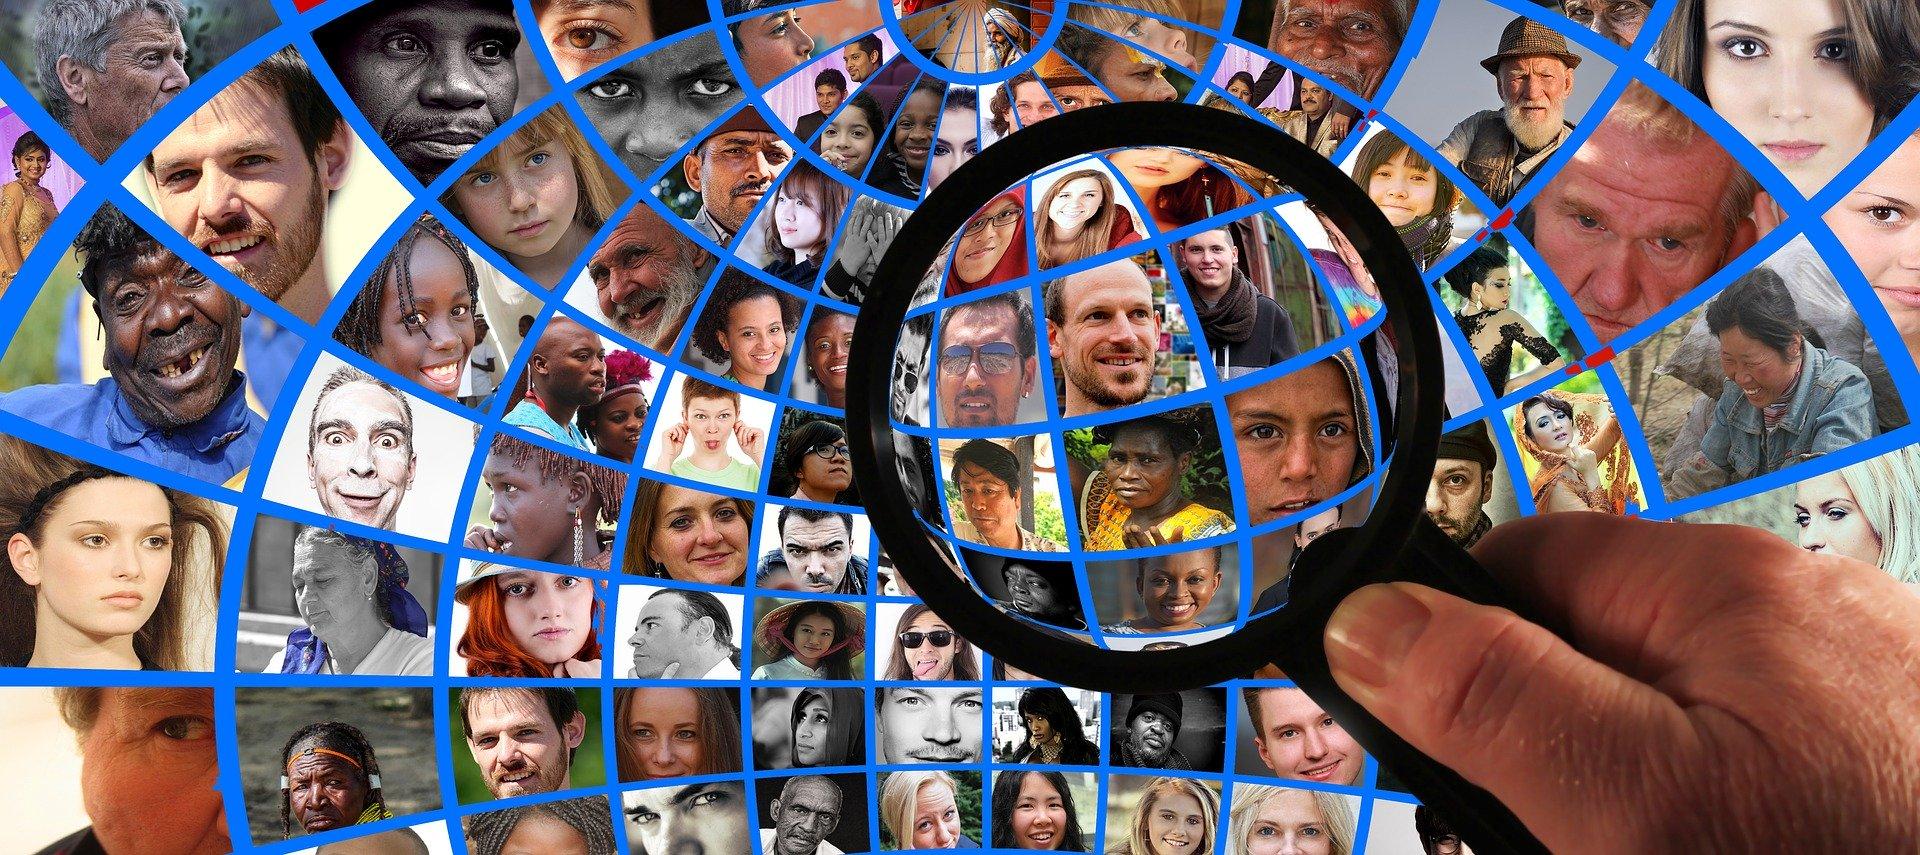 """Imagen de <a href=""""https://pixabay.com/es/users/geralt-9301/?utm_source=link-attribution&amp;utm_medium=referral&amp;utm_campaign=image&amp;utm_content=1607208"""">Gerd Altmann</a> en <a href=""""https://pixabay.com/es/?utm_source=link-attribution&amp;utm_medium=referral&amp;utm_campaign=image&amp;utm_content=1607208"""">Pixabay</a>"""